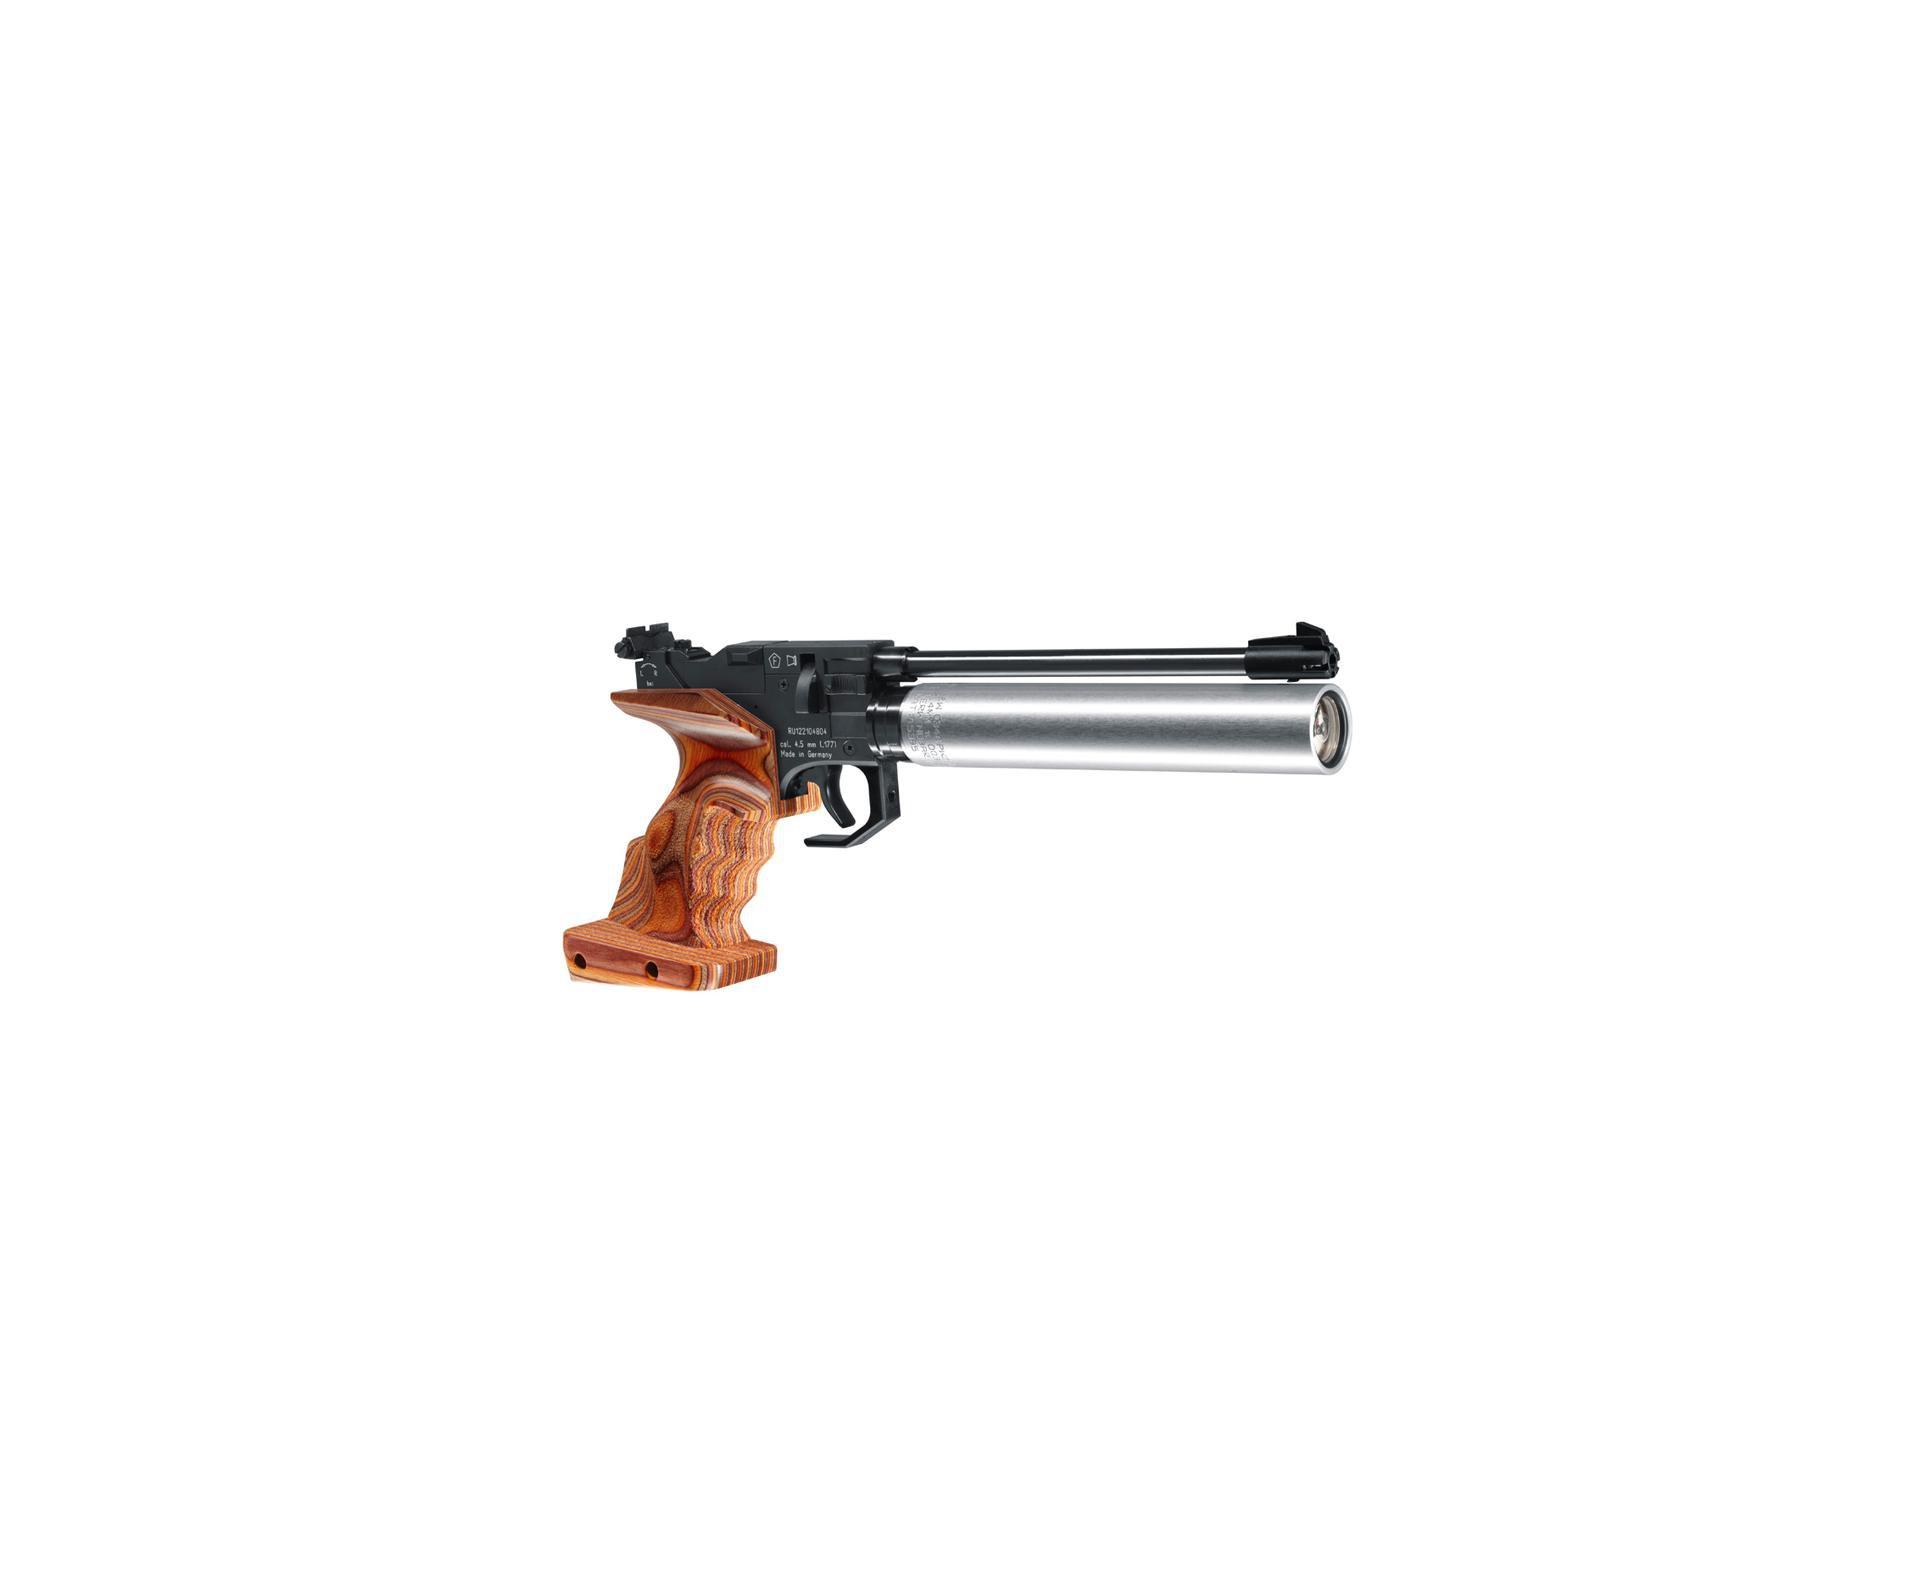 Pistola De Pressão Rohm Twinmaster Top - Calibre 4,5 Mm - Pcp